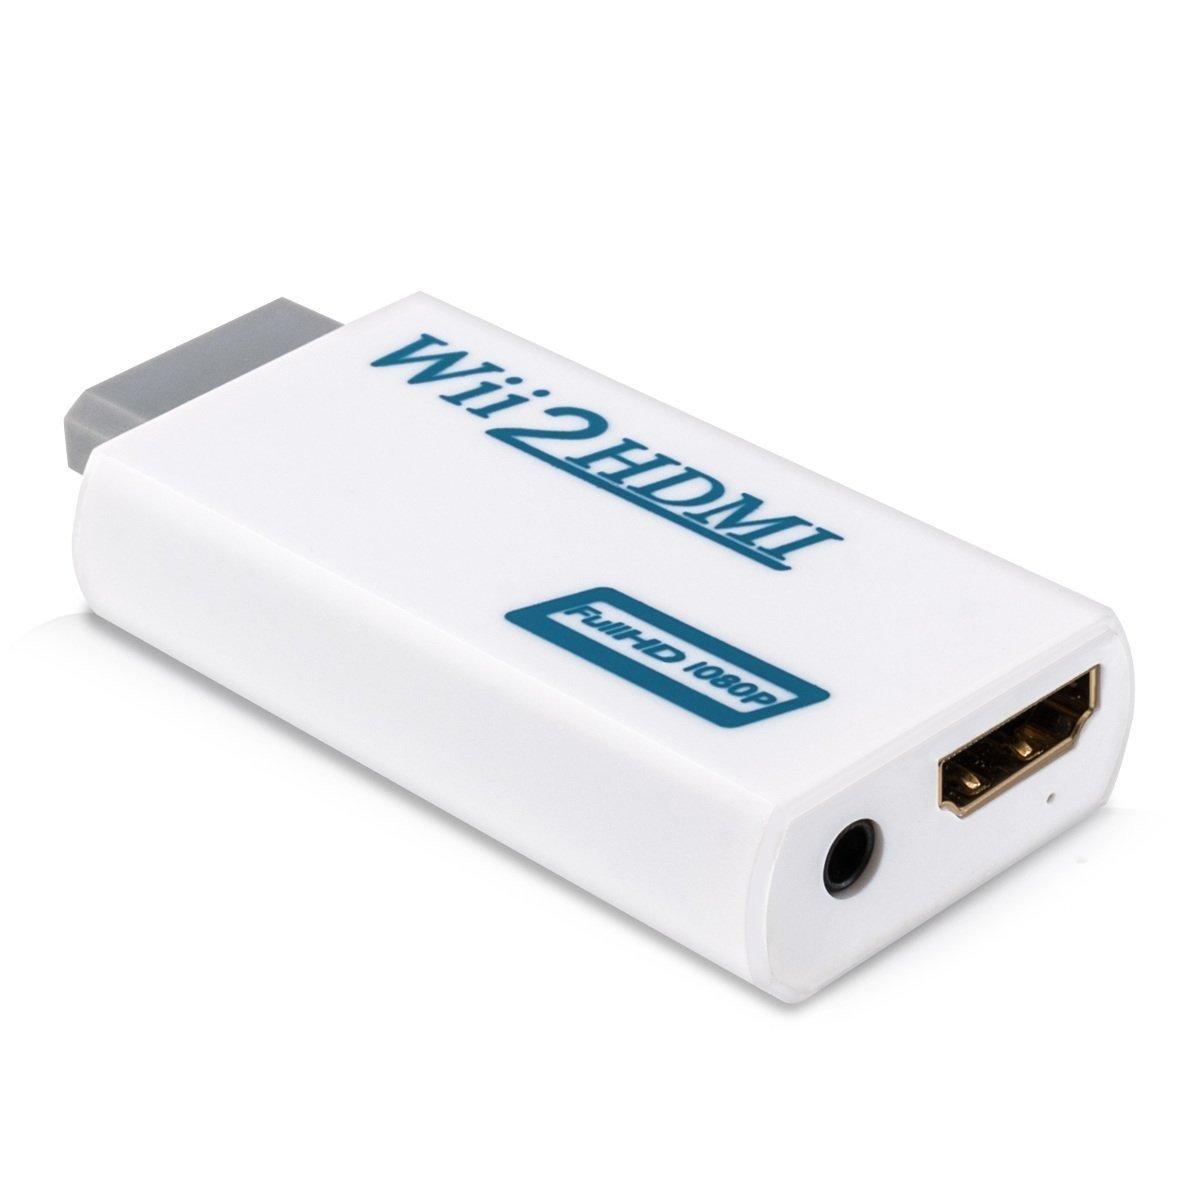 Nintendo Wii naar HDMI adapter HD 1080p